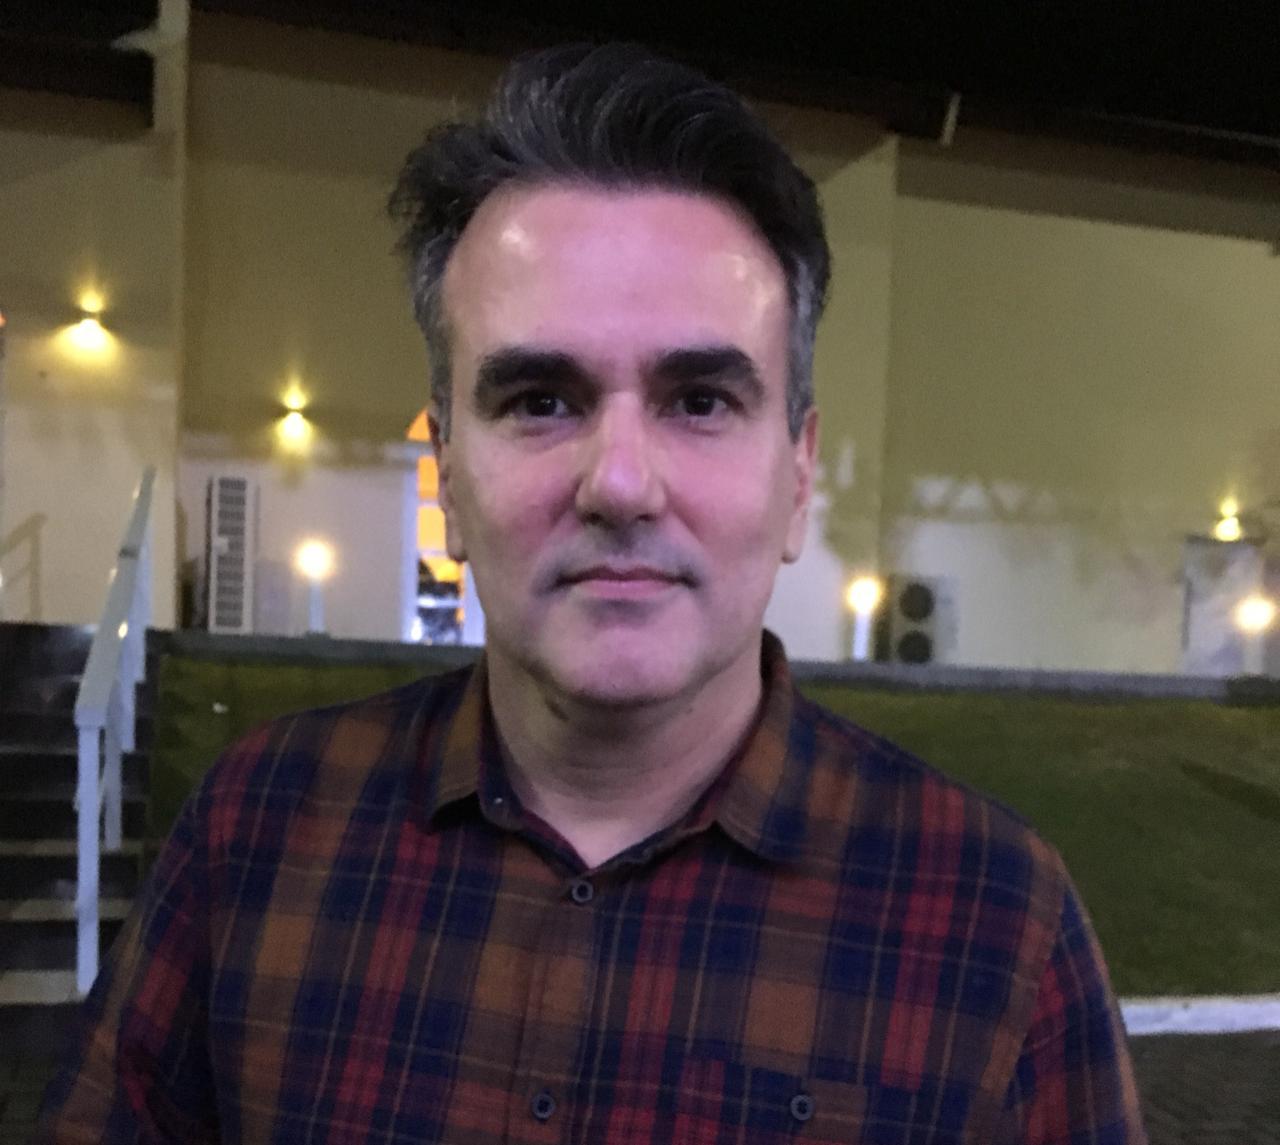 BALANÇO DOS SEIS MESES: Sérgio Queiroz exalta Governo Bolsonaro, defende Reforma da Previdência e pede 'união em torno do bem comum'